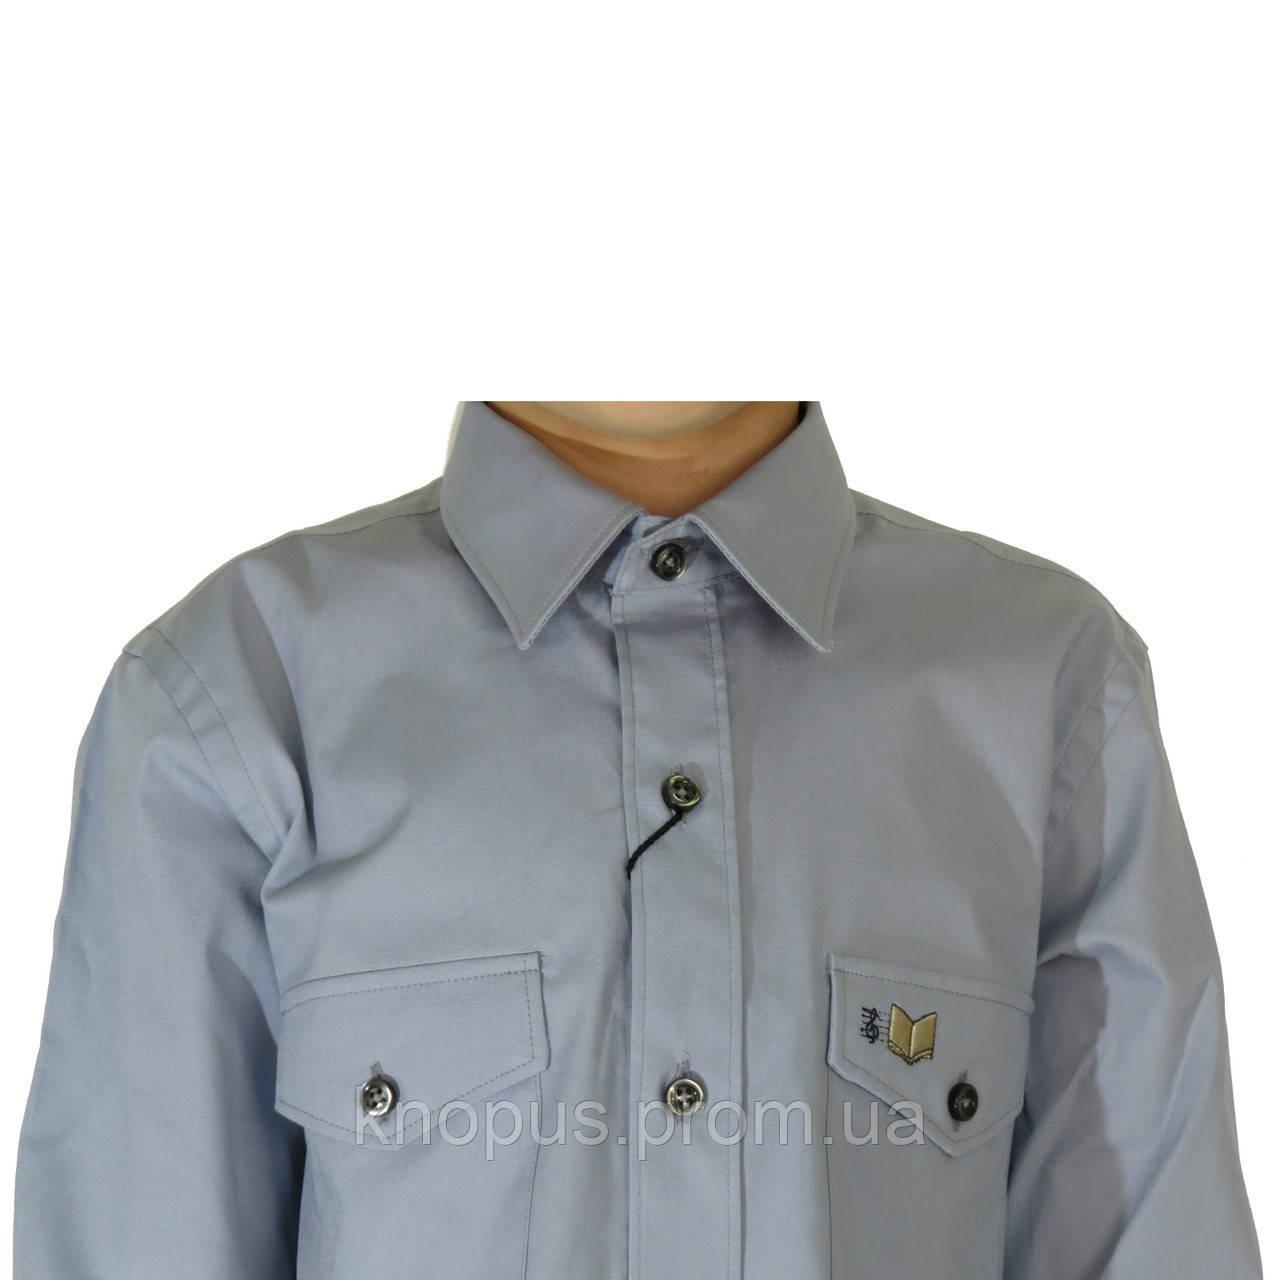 Рубашка для мальчика серая с вышивкой на кармане, Davanti, Украина. Размерный ряд 6-18 лет.